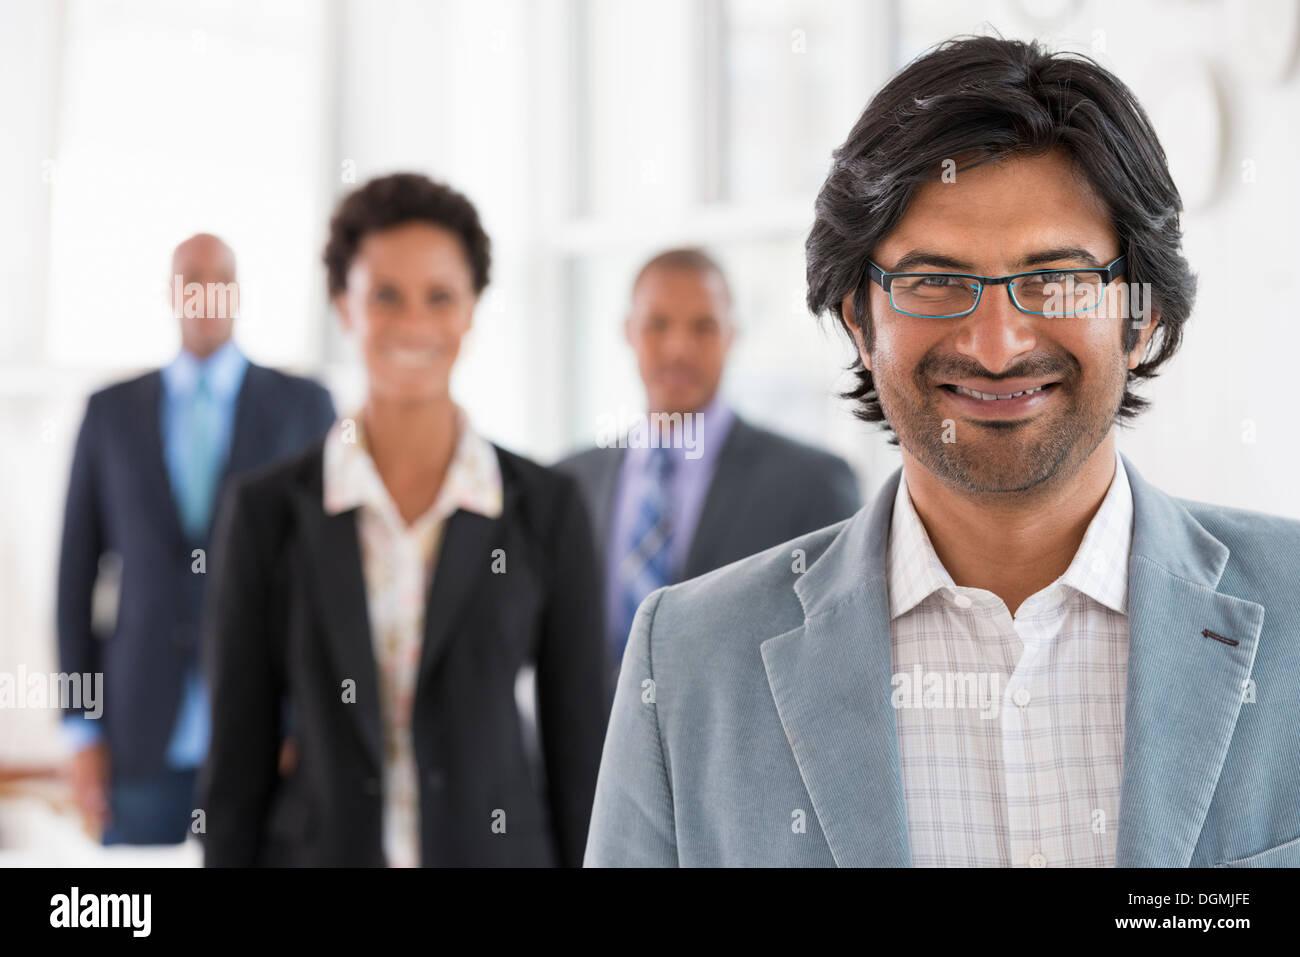 La gente di affari. Un team di persone, un reparto o azienda. Tre uomini e una donna. Immagini Stock